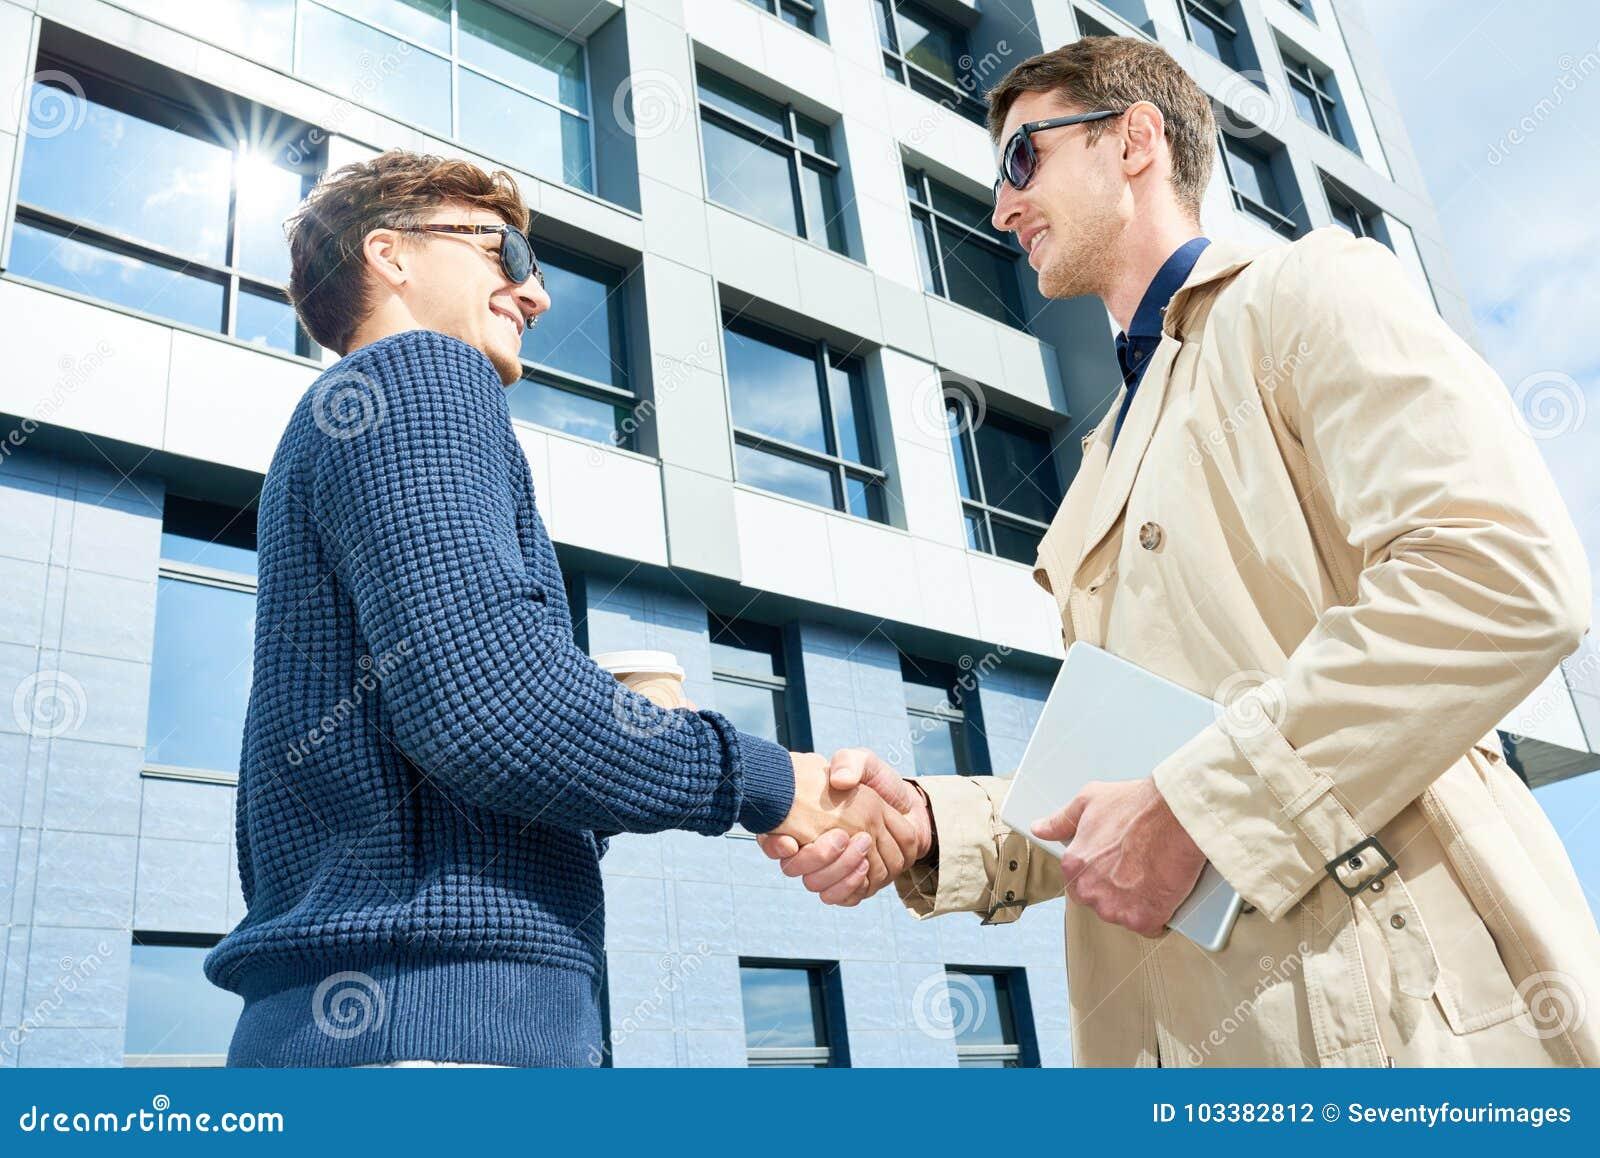 Reunião de dois empresários fora